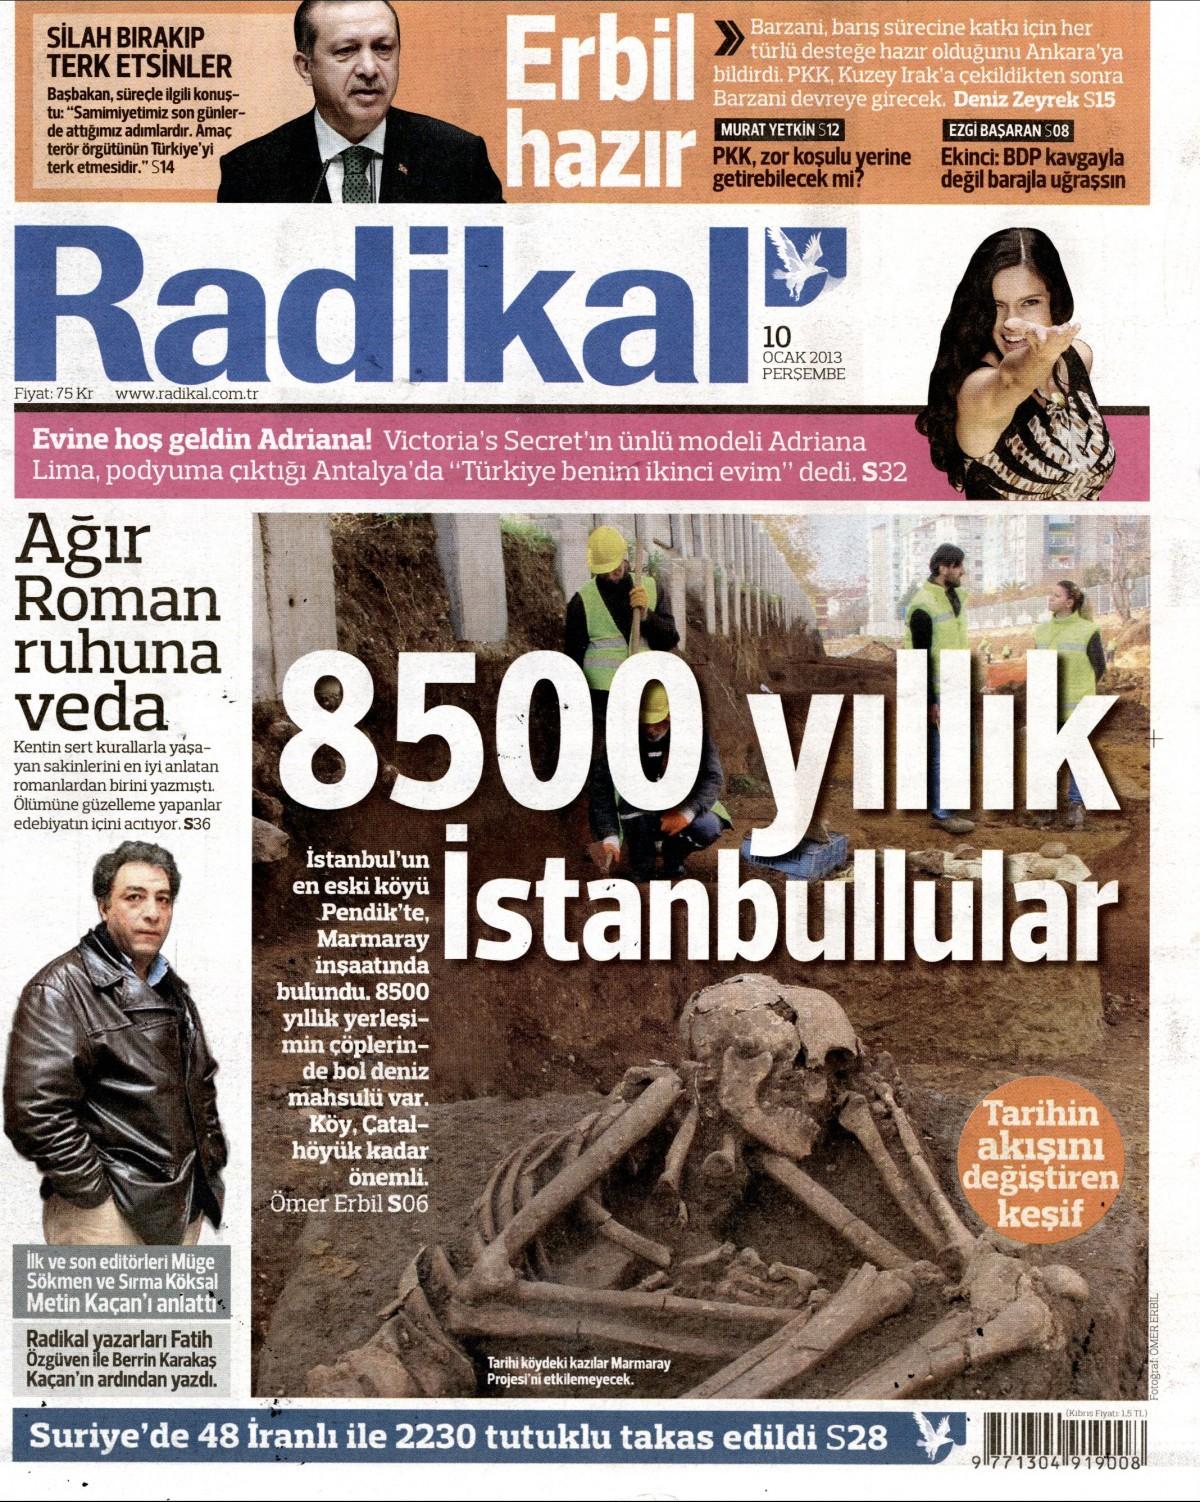 10 Ocak 2013 Tarihli Radikal Gazetesi Sayfa 1